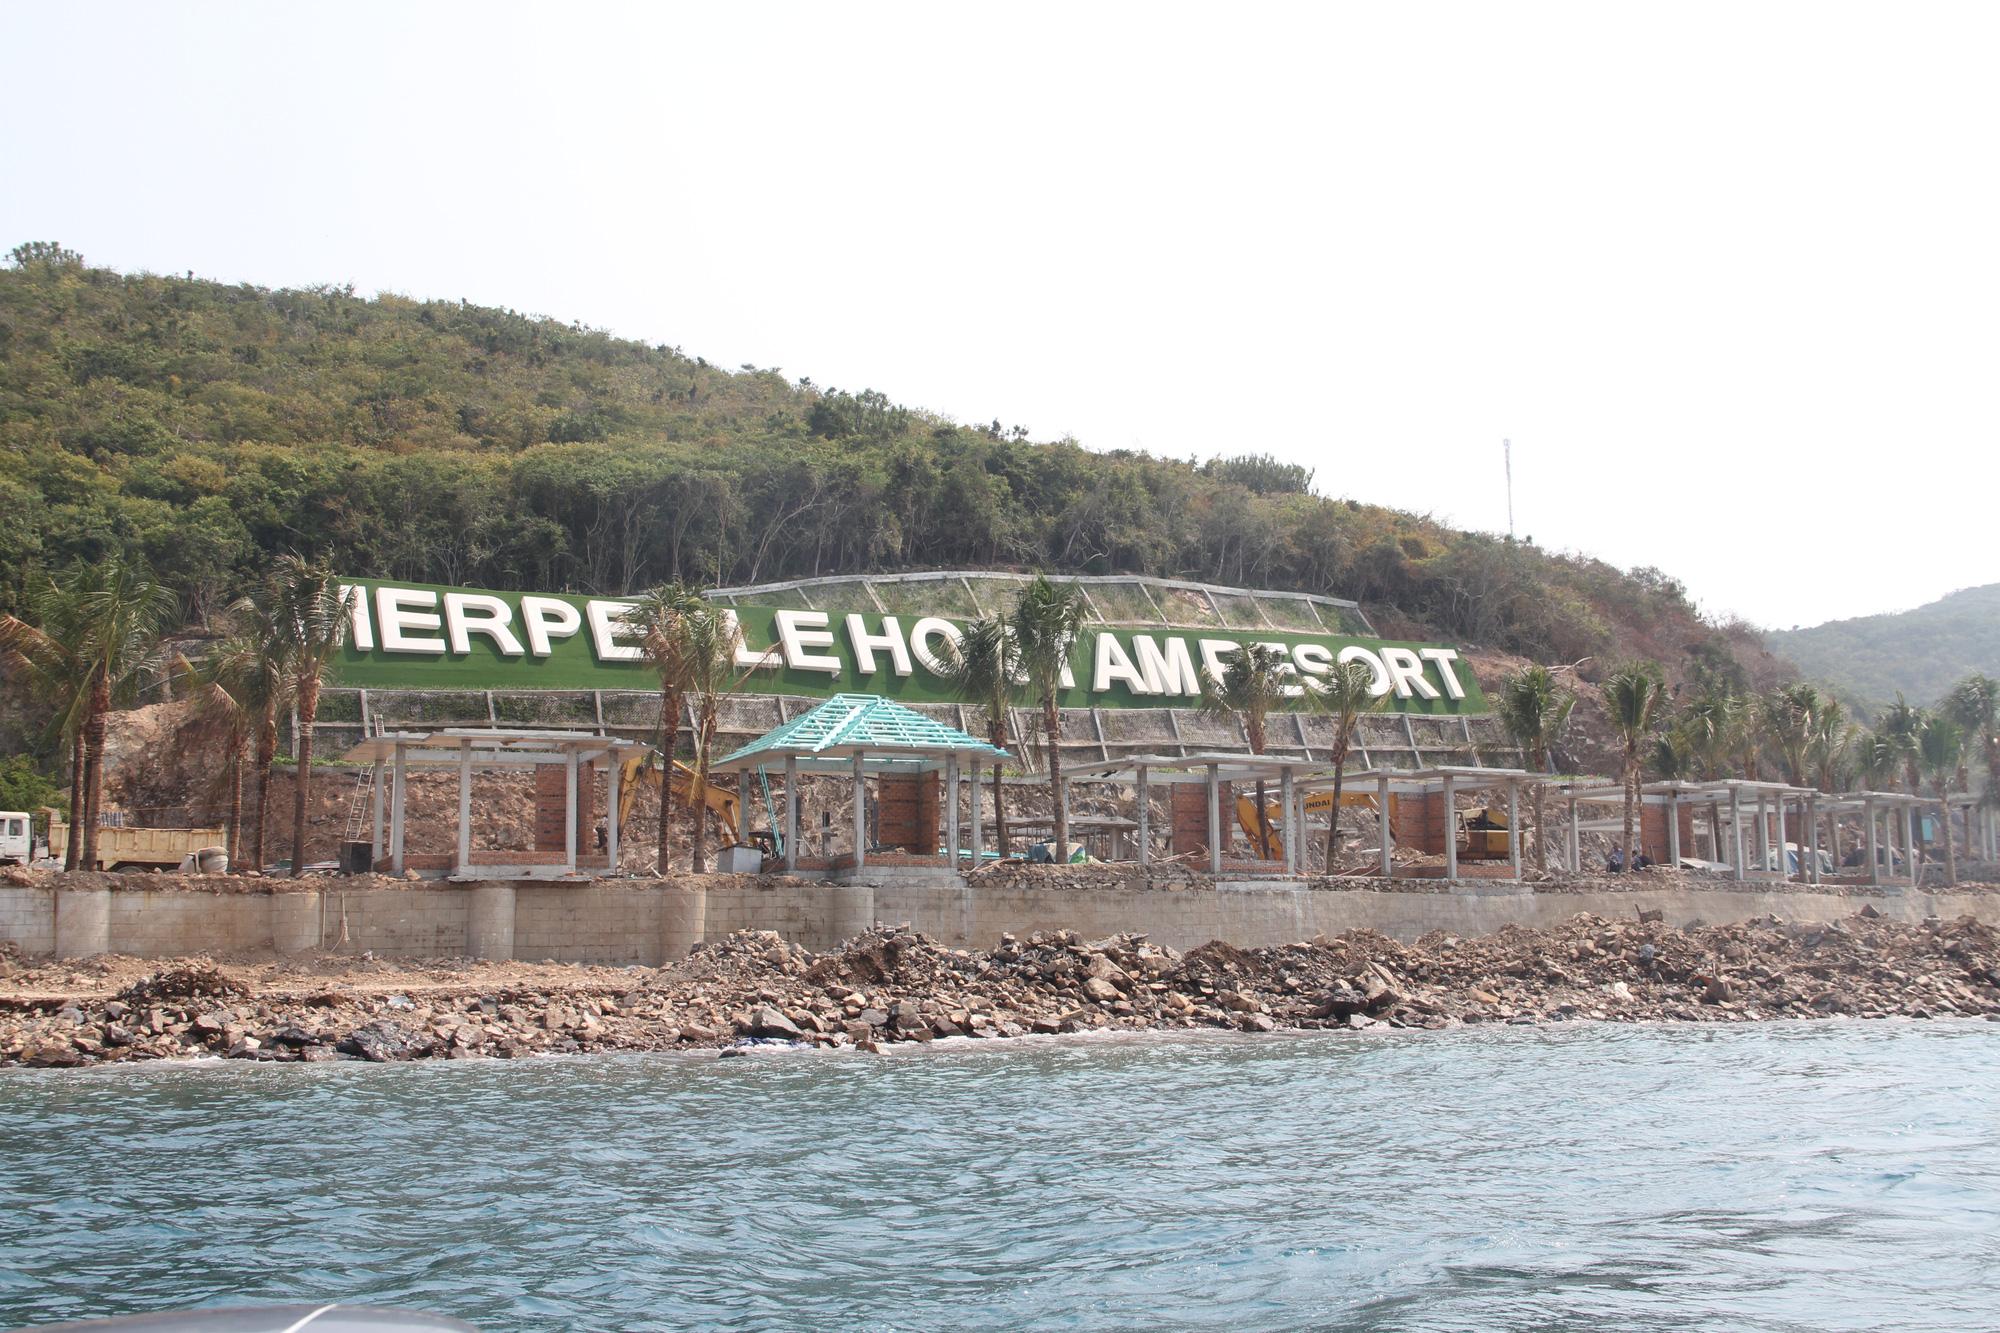 KDL Hòn Tằm bị xử phạt vì xây dựng công trình sai phép trong khu vực vịnh Nha Trang - Ảnh 1.